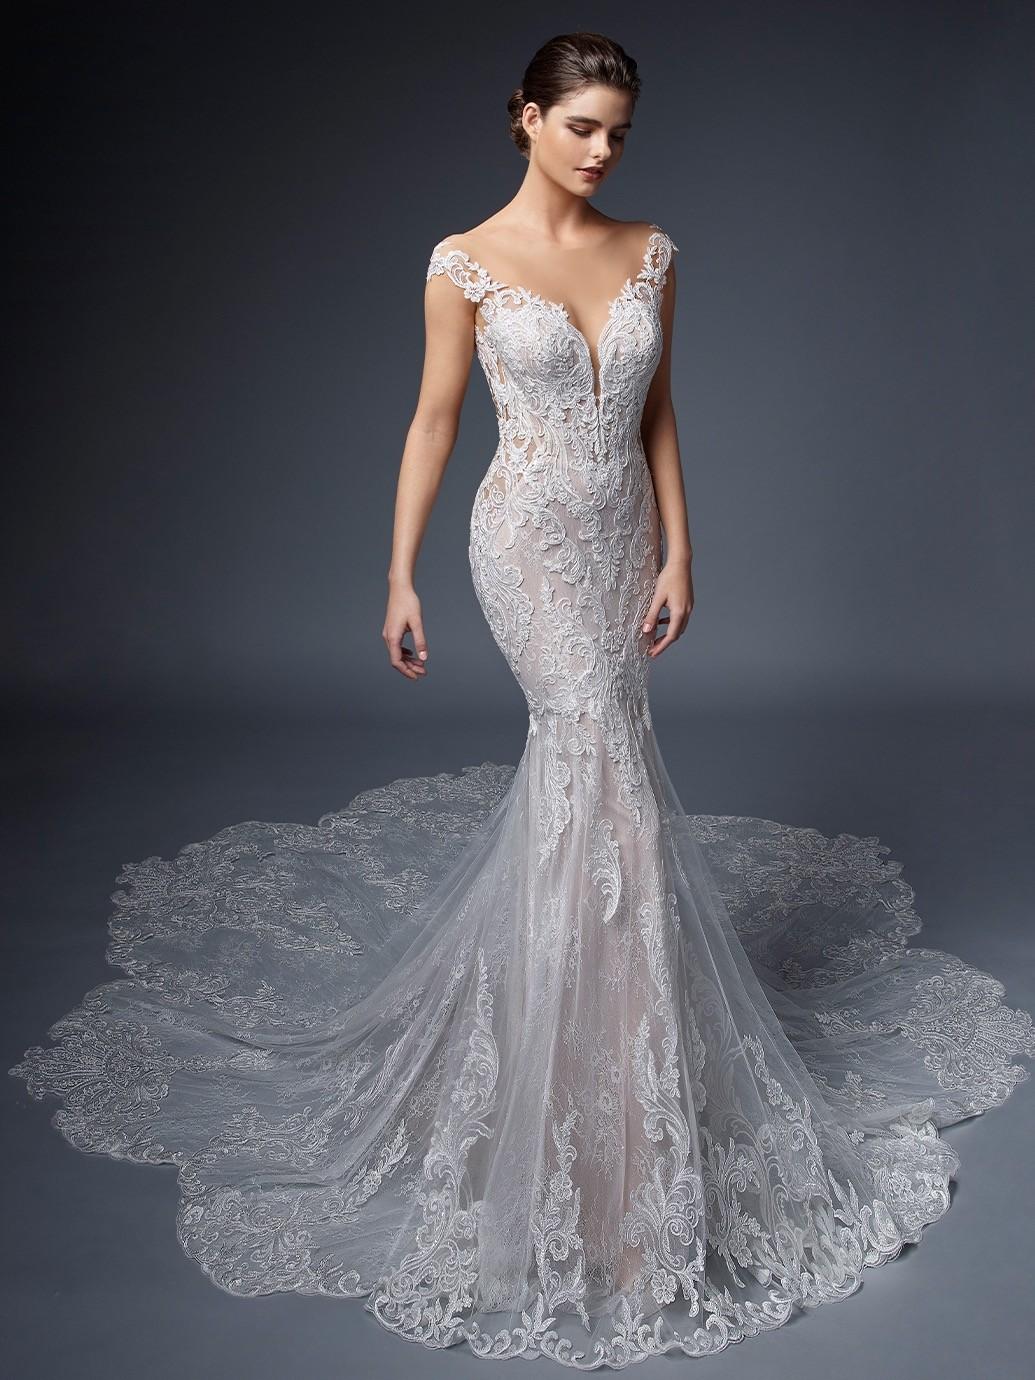 Rosafarbenes Hochzeitskleid im Fit-and-Flare-Schnitt mit Kontrastspitze, tiefem Rücken und Schleppe von Elysée, Modell Helene